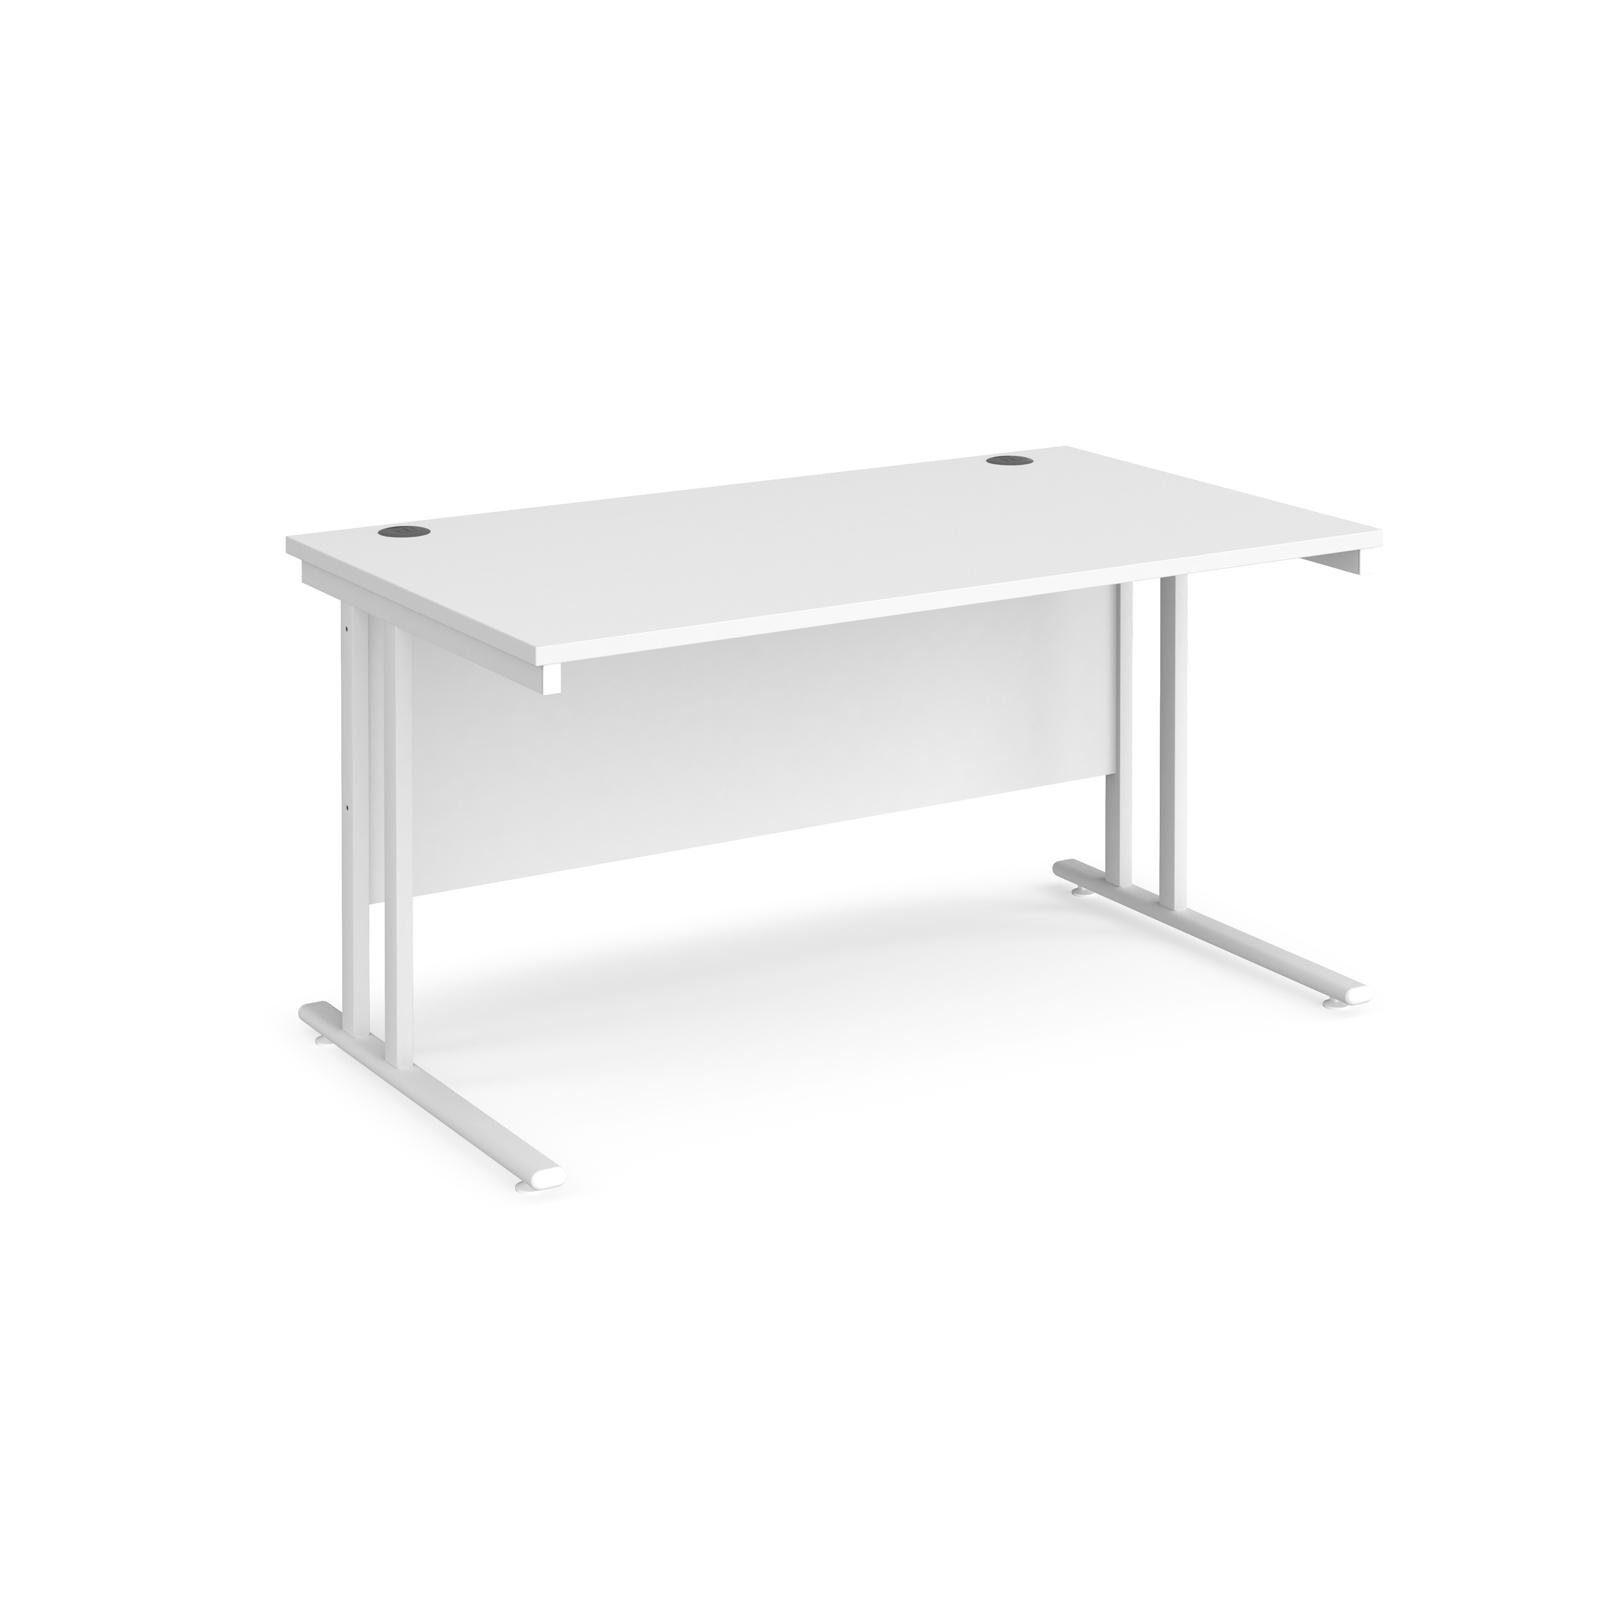 Rectangular Desks Maestro 25 straight desk 1400mm x 800mm - white cantilever leg frame, white top